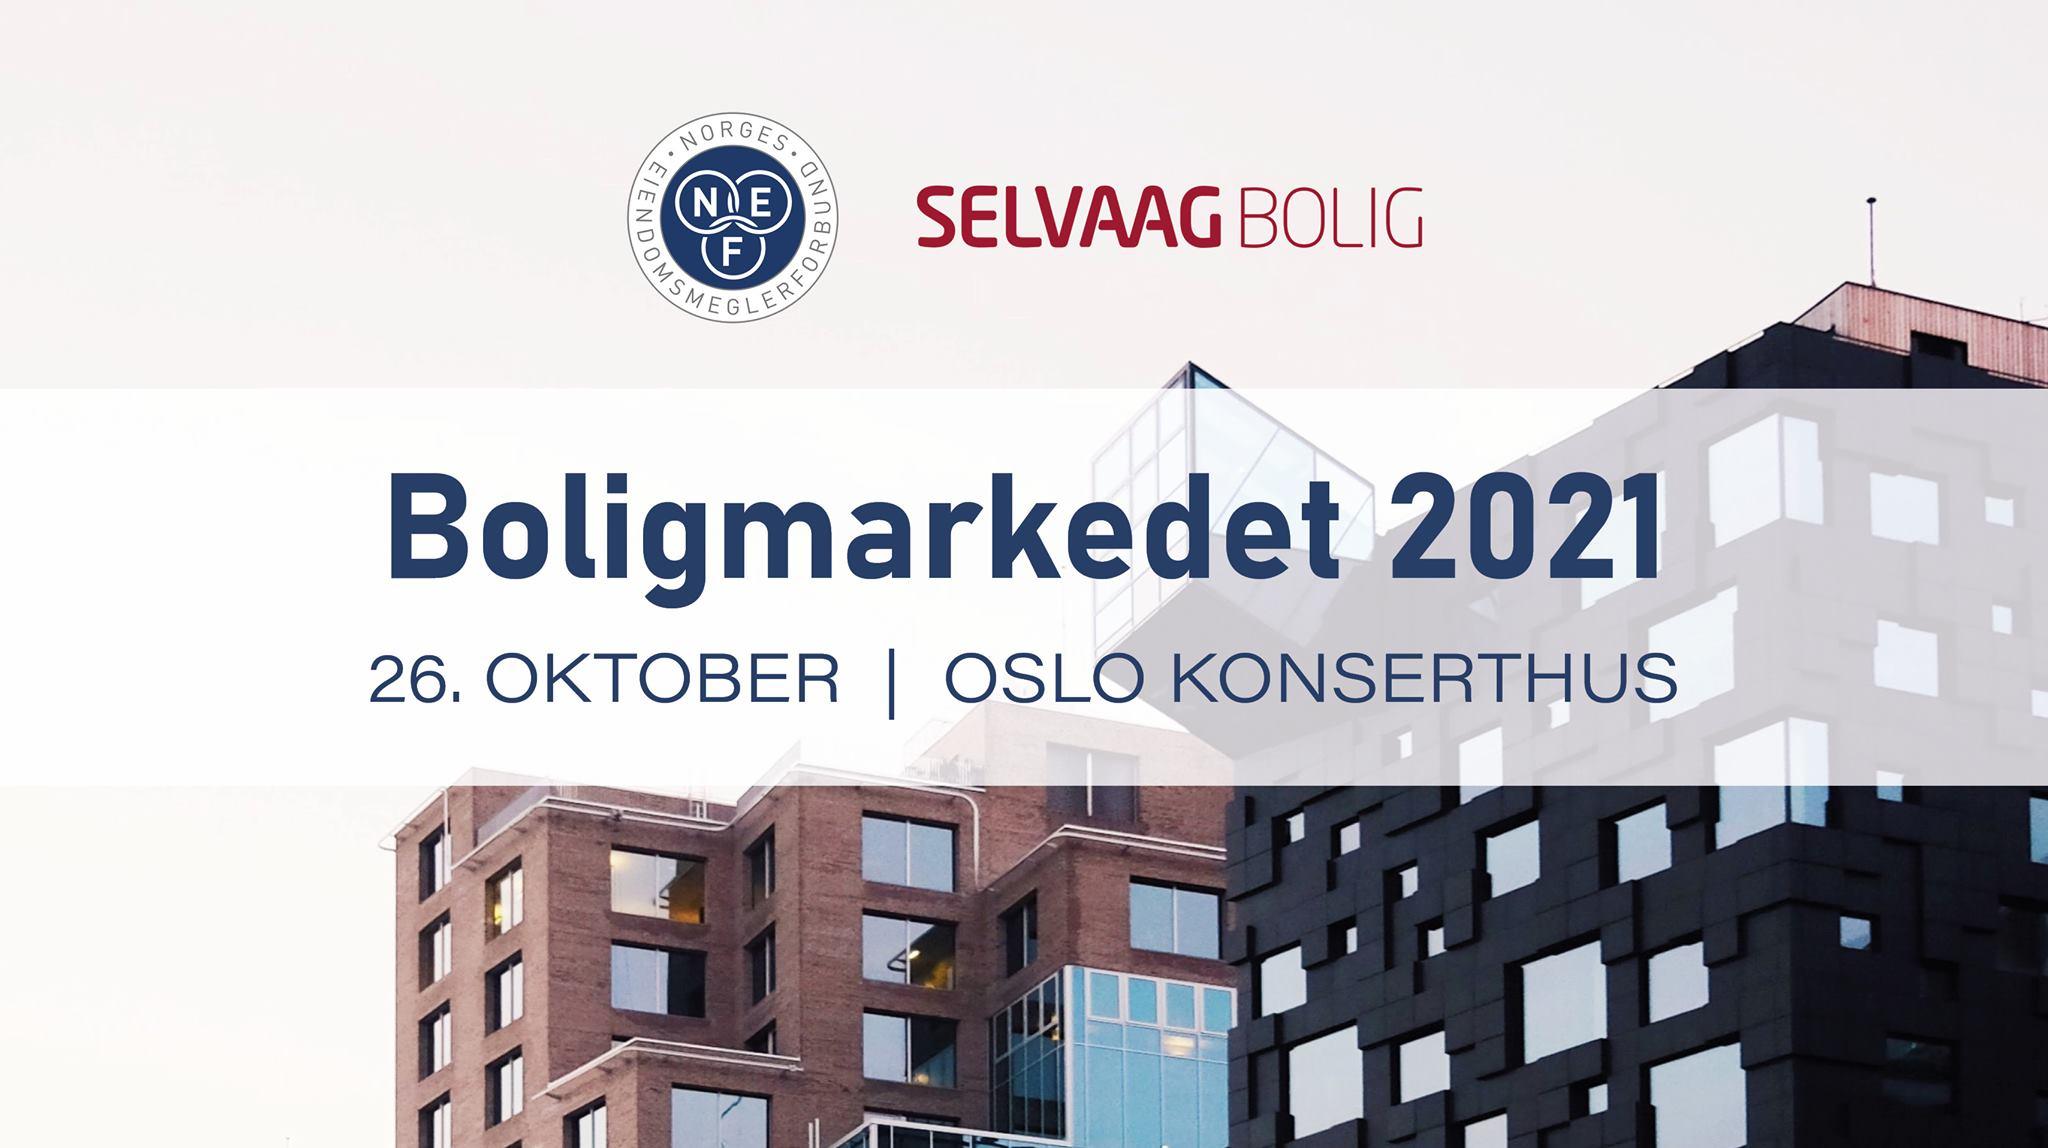 Boligmarkedet 2021 - hvordan løse problemene i boligmarkedet?